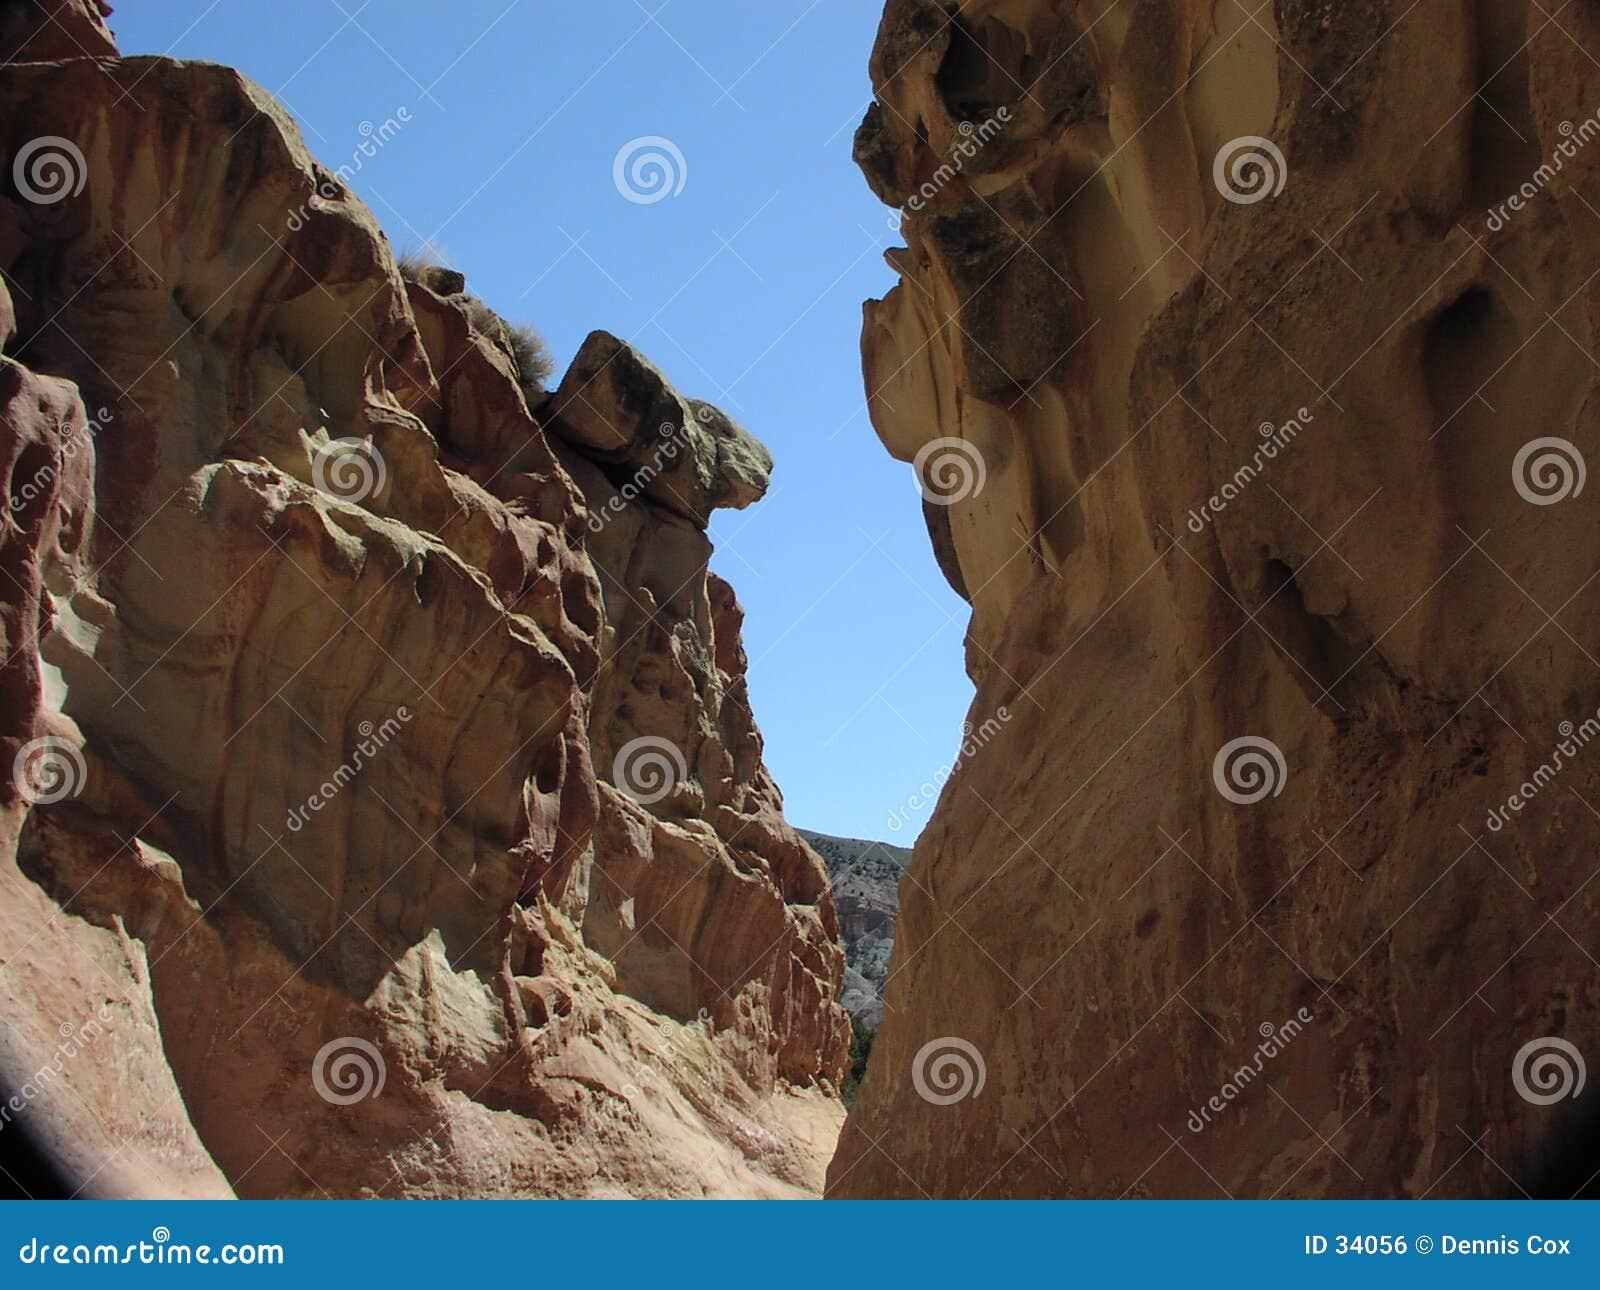 Download Entre una roca y otra roca foto de archivo. Imagen de afloramiento - 34056